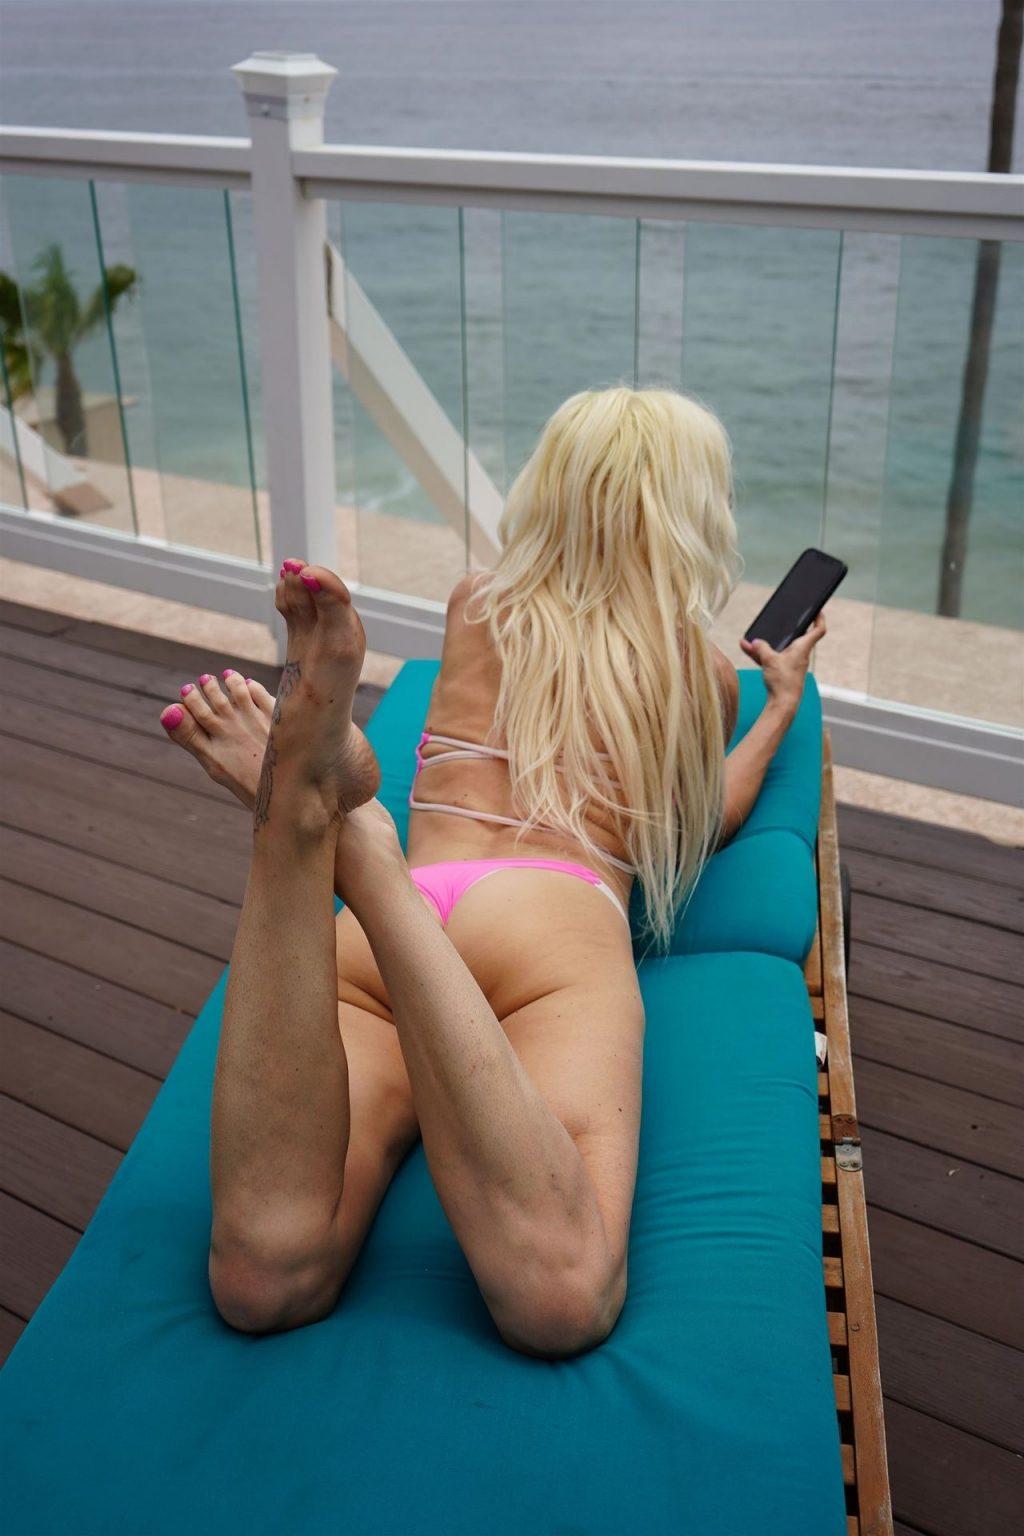 Angelique Morgan Gets Some Sun in a Pink Bikini (46 Photos)